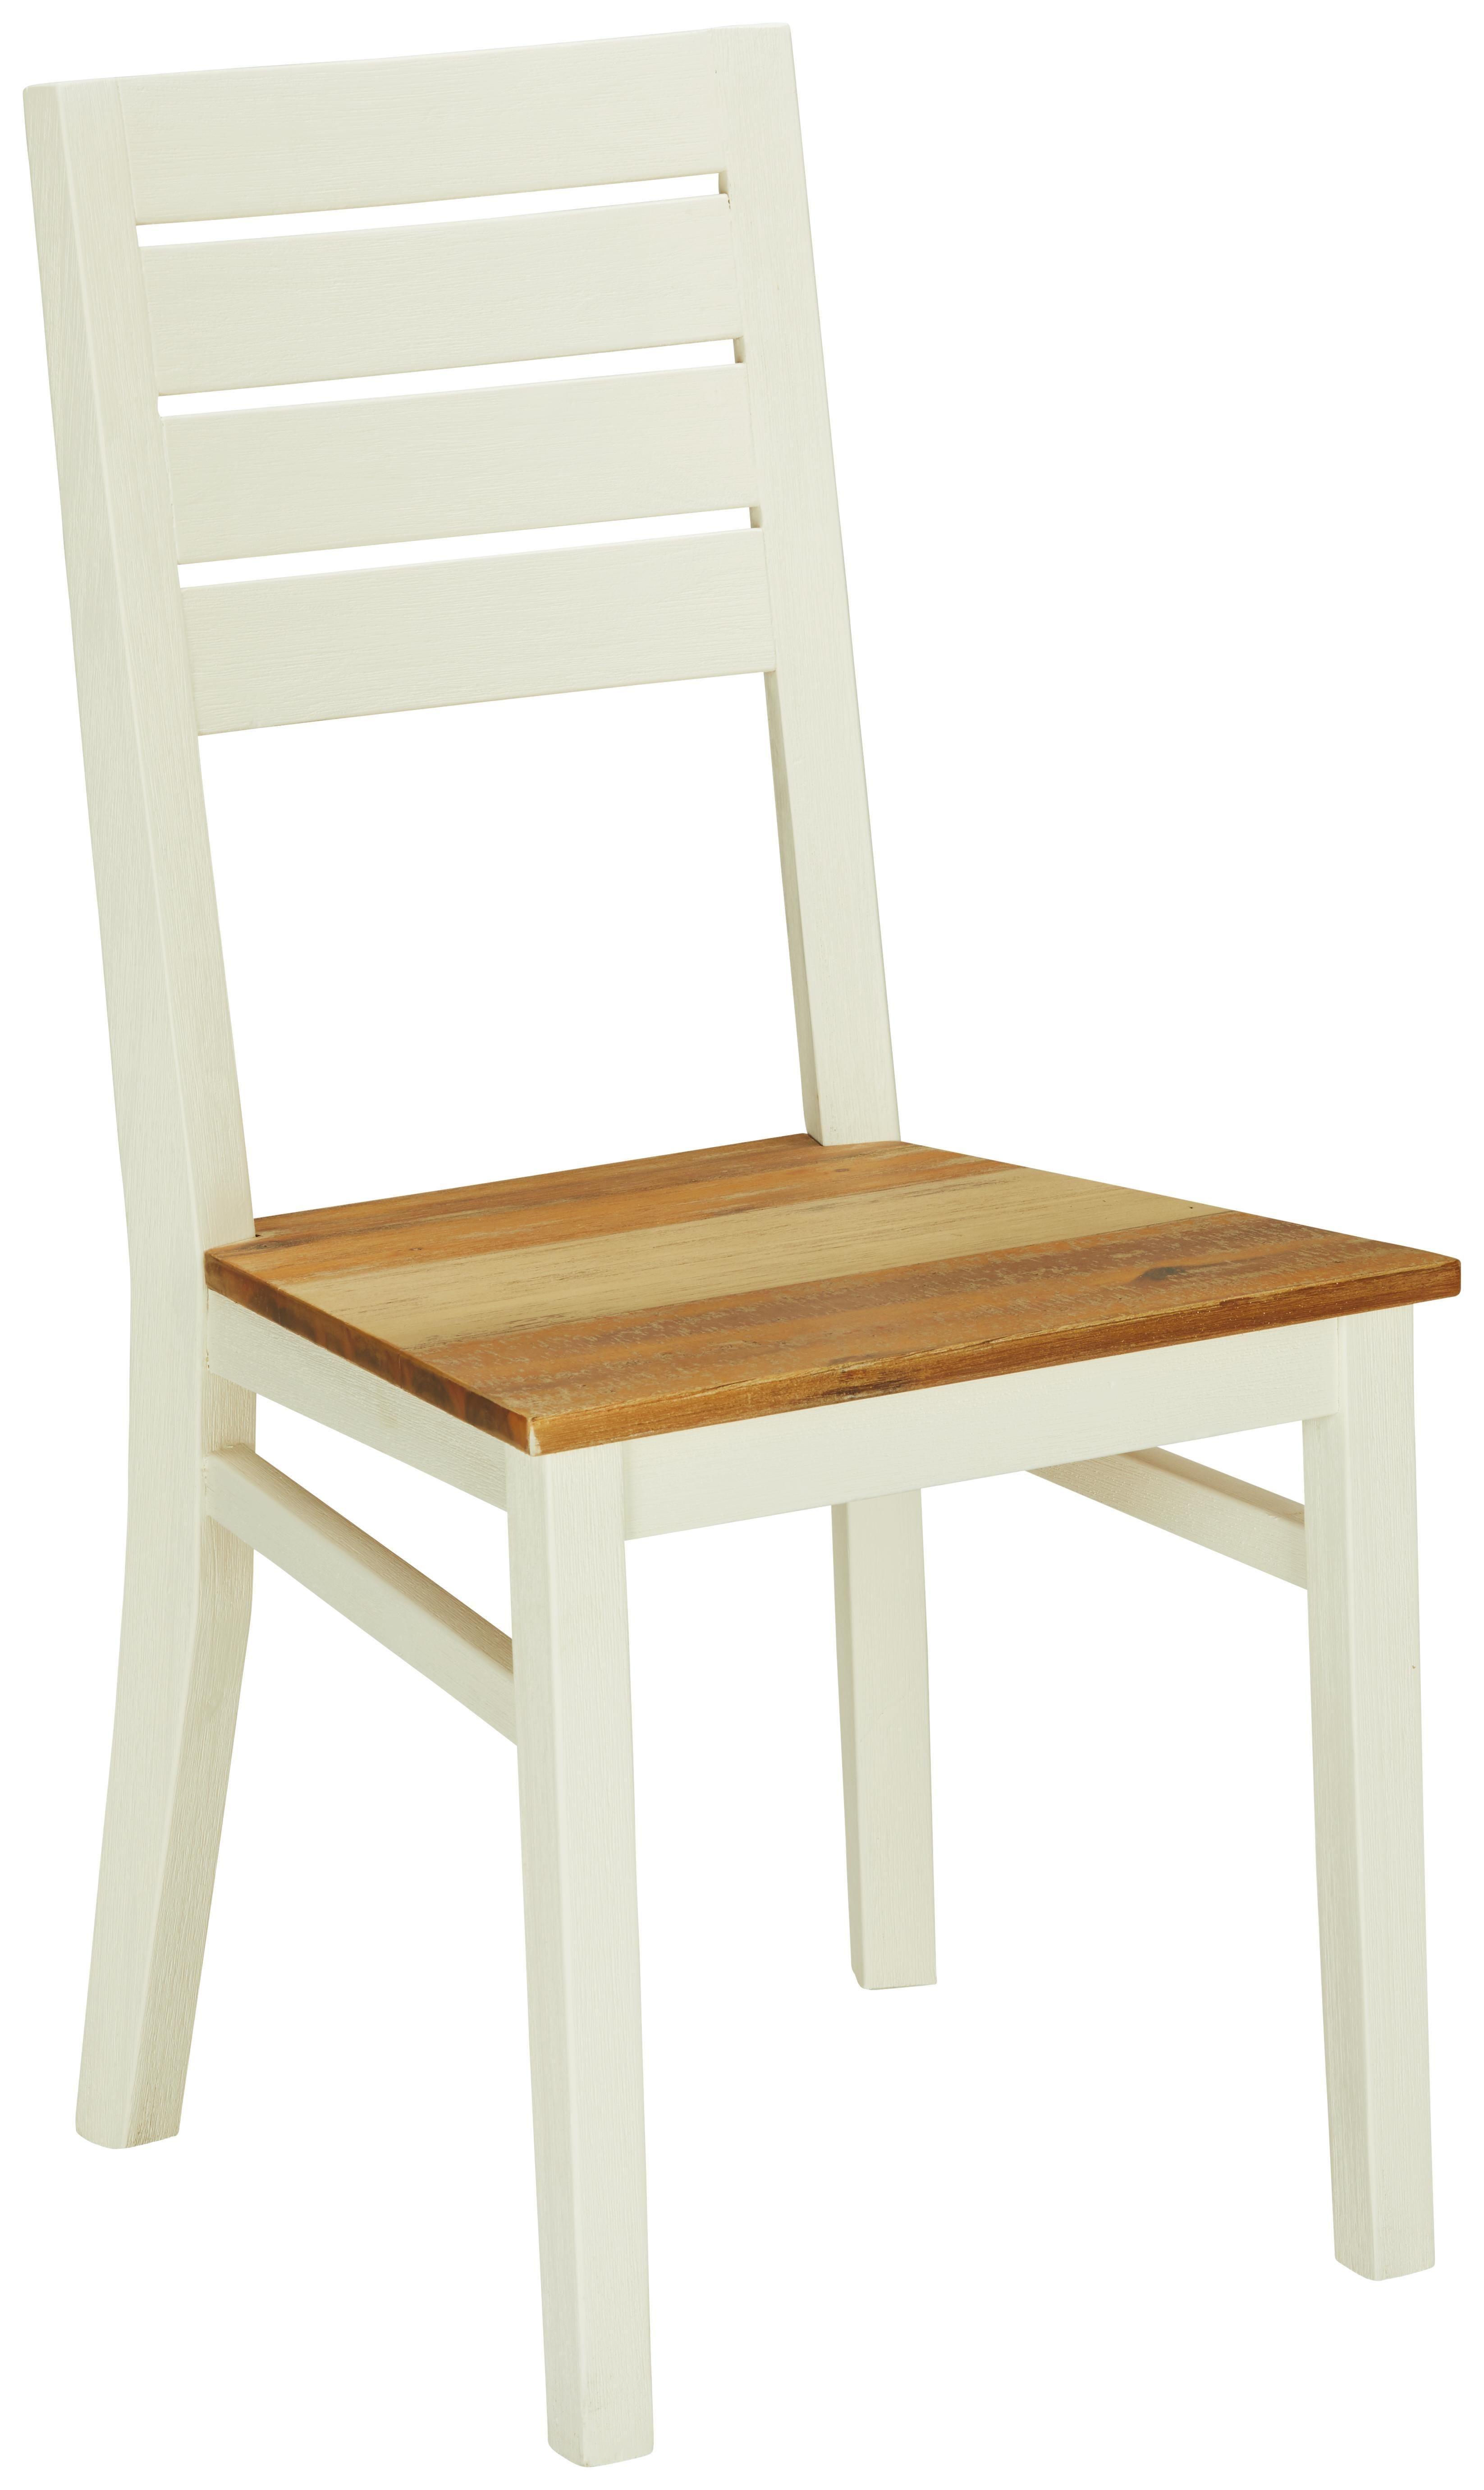 Stuhl Im Landhaus Stil Ein Gemutlicher Sitzplatz Stuhle Sitzplatz Neue Mobel